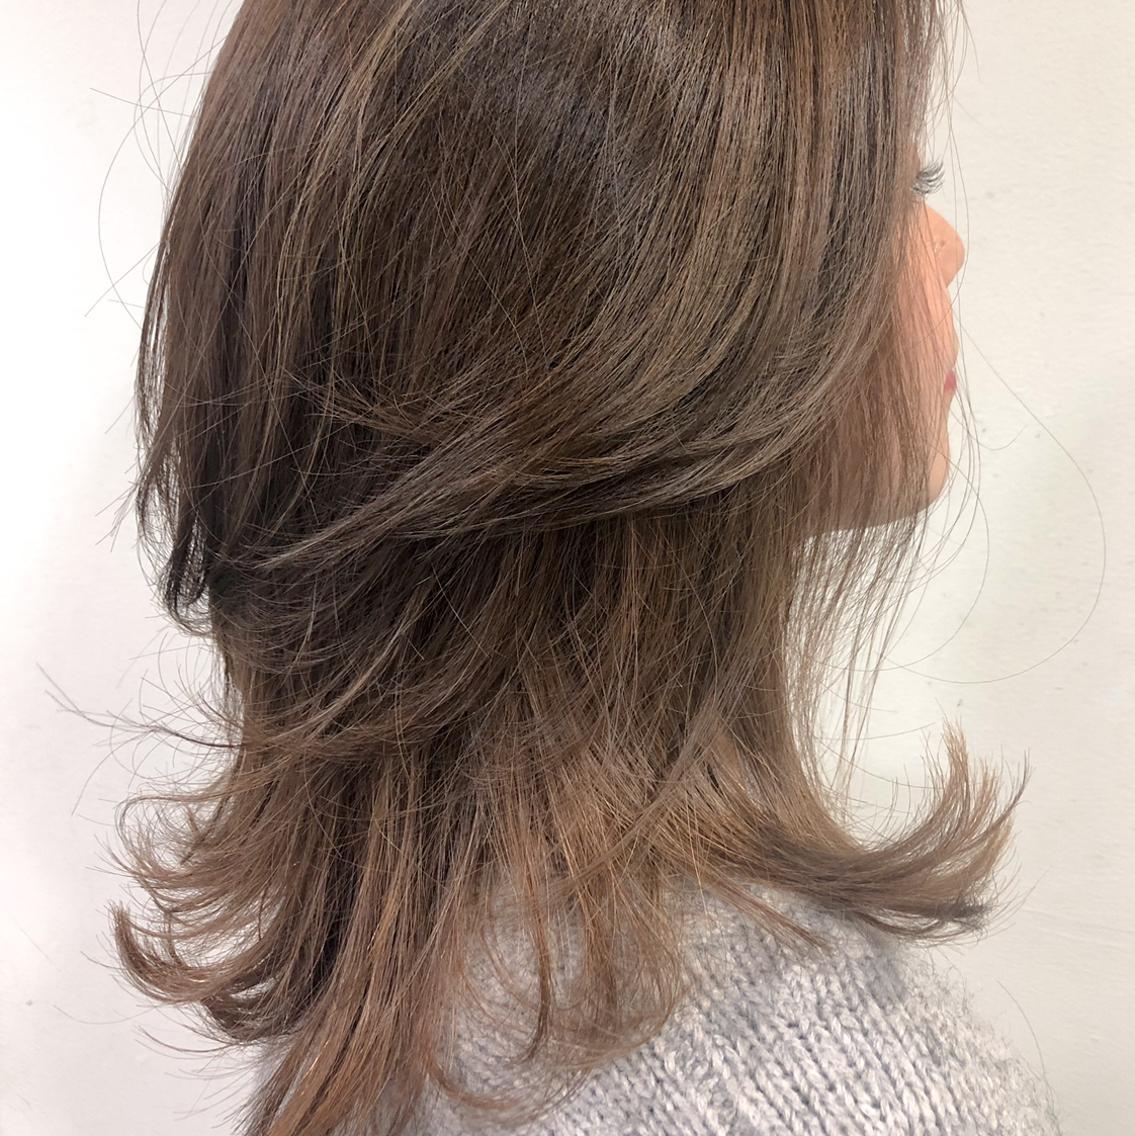 C'bon hair salon neaf所属・YANAI SATOMIの掲載